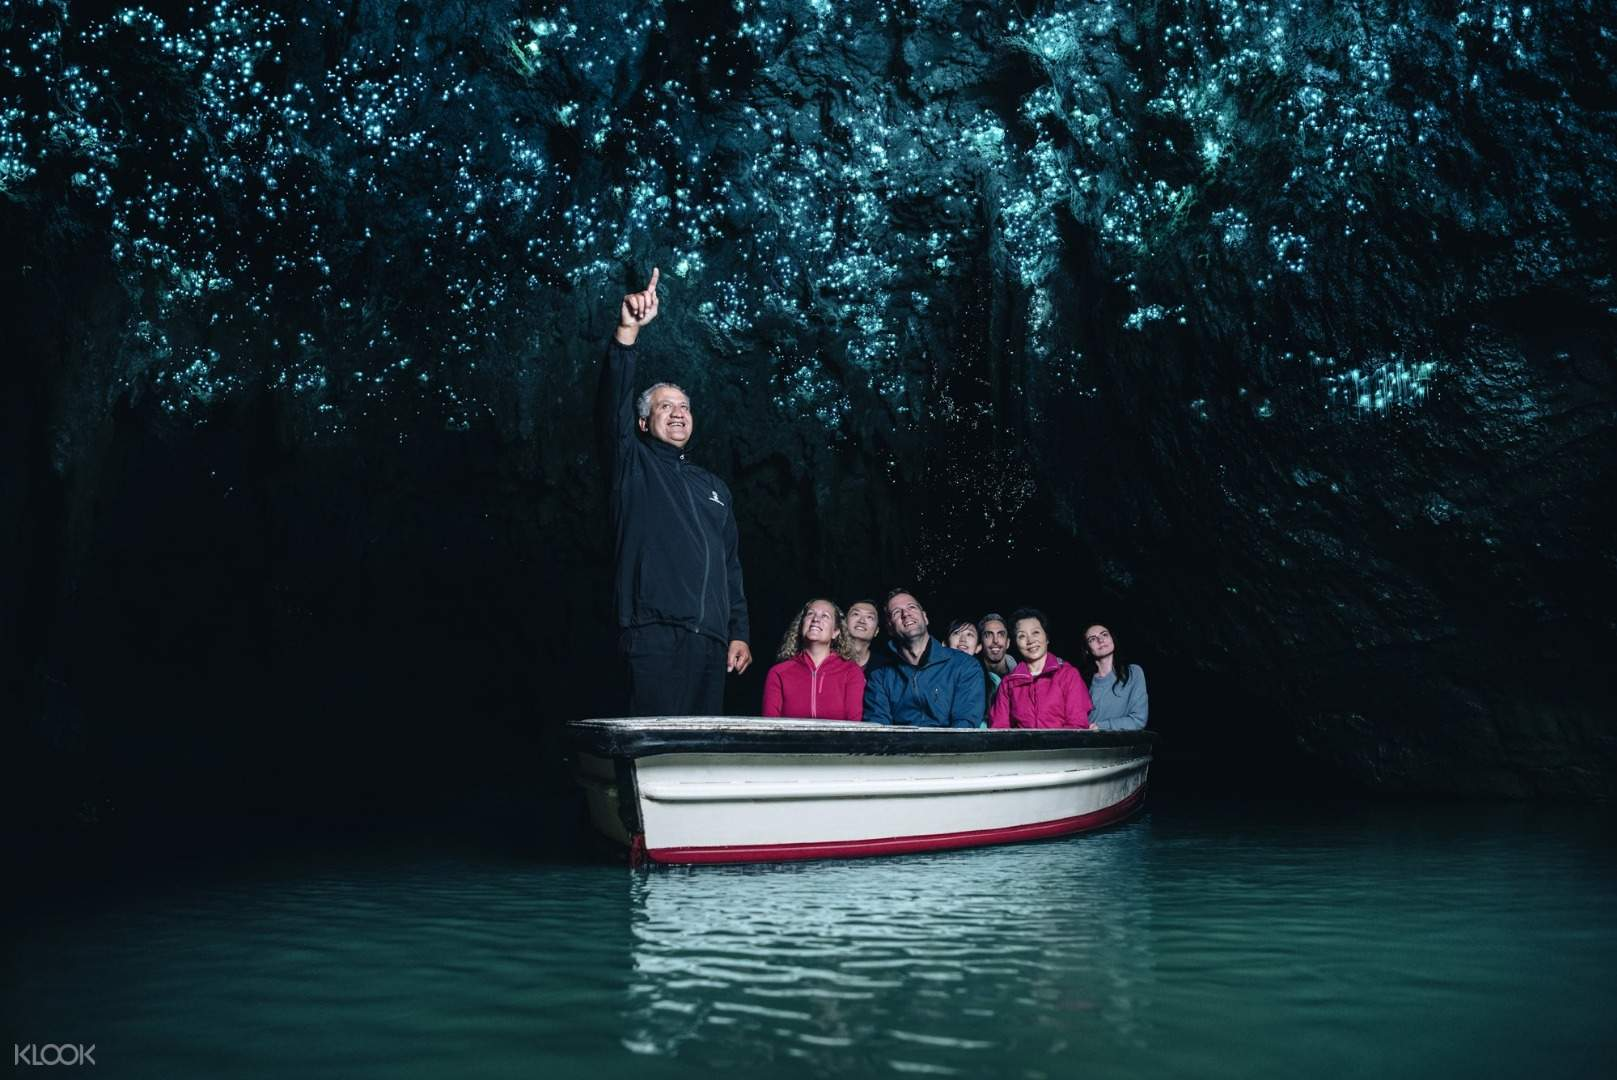 พาไปดูหนอนเรืองแสง ที่ถ้ำไวโตโมโกลว์วอร์ม นิวซีแลนด์